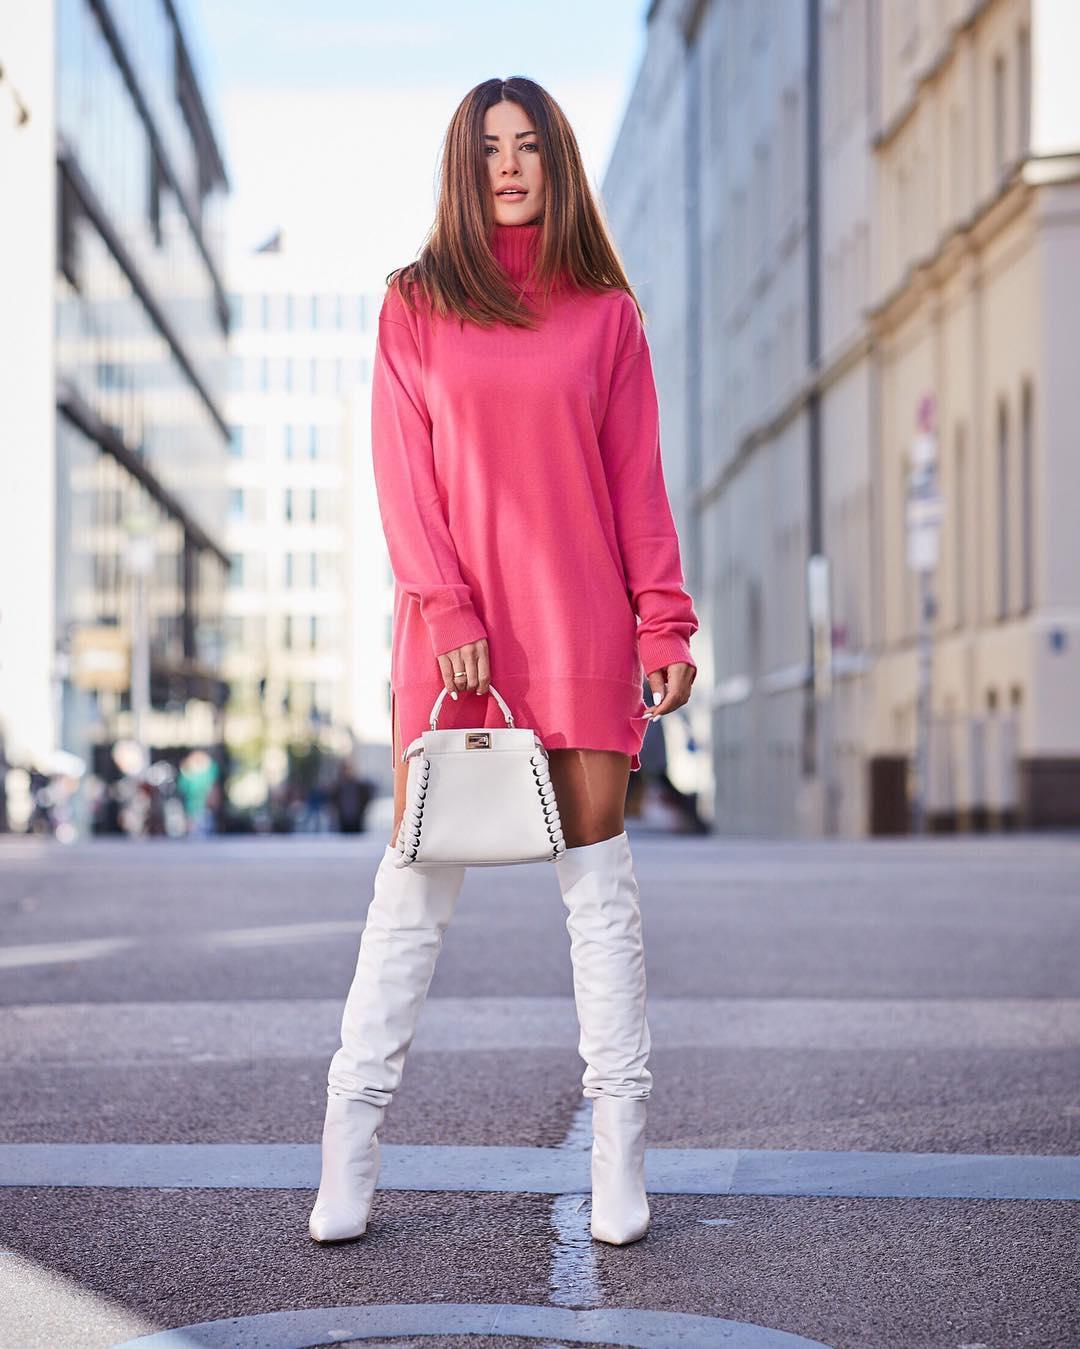 модные образы весна-лето 2019 для женщин после 40 фото_21